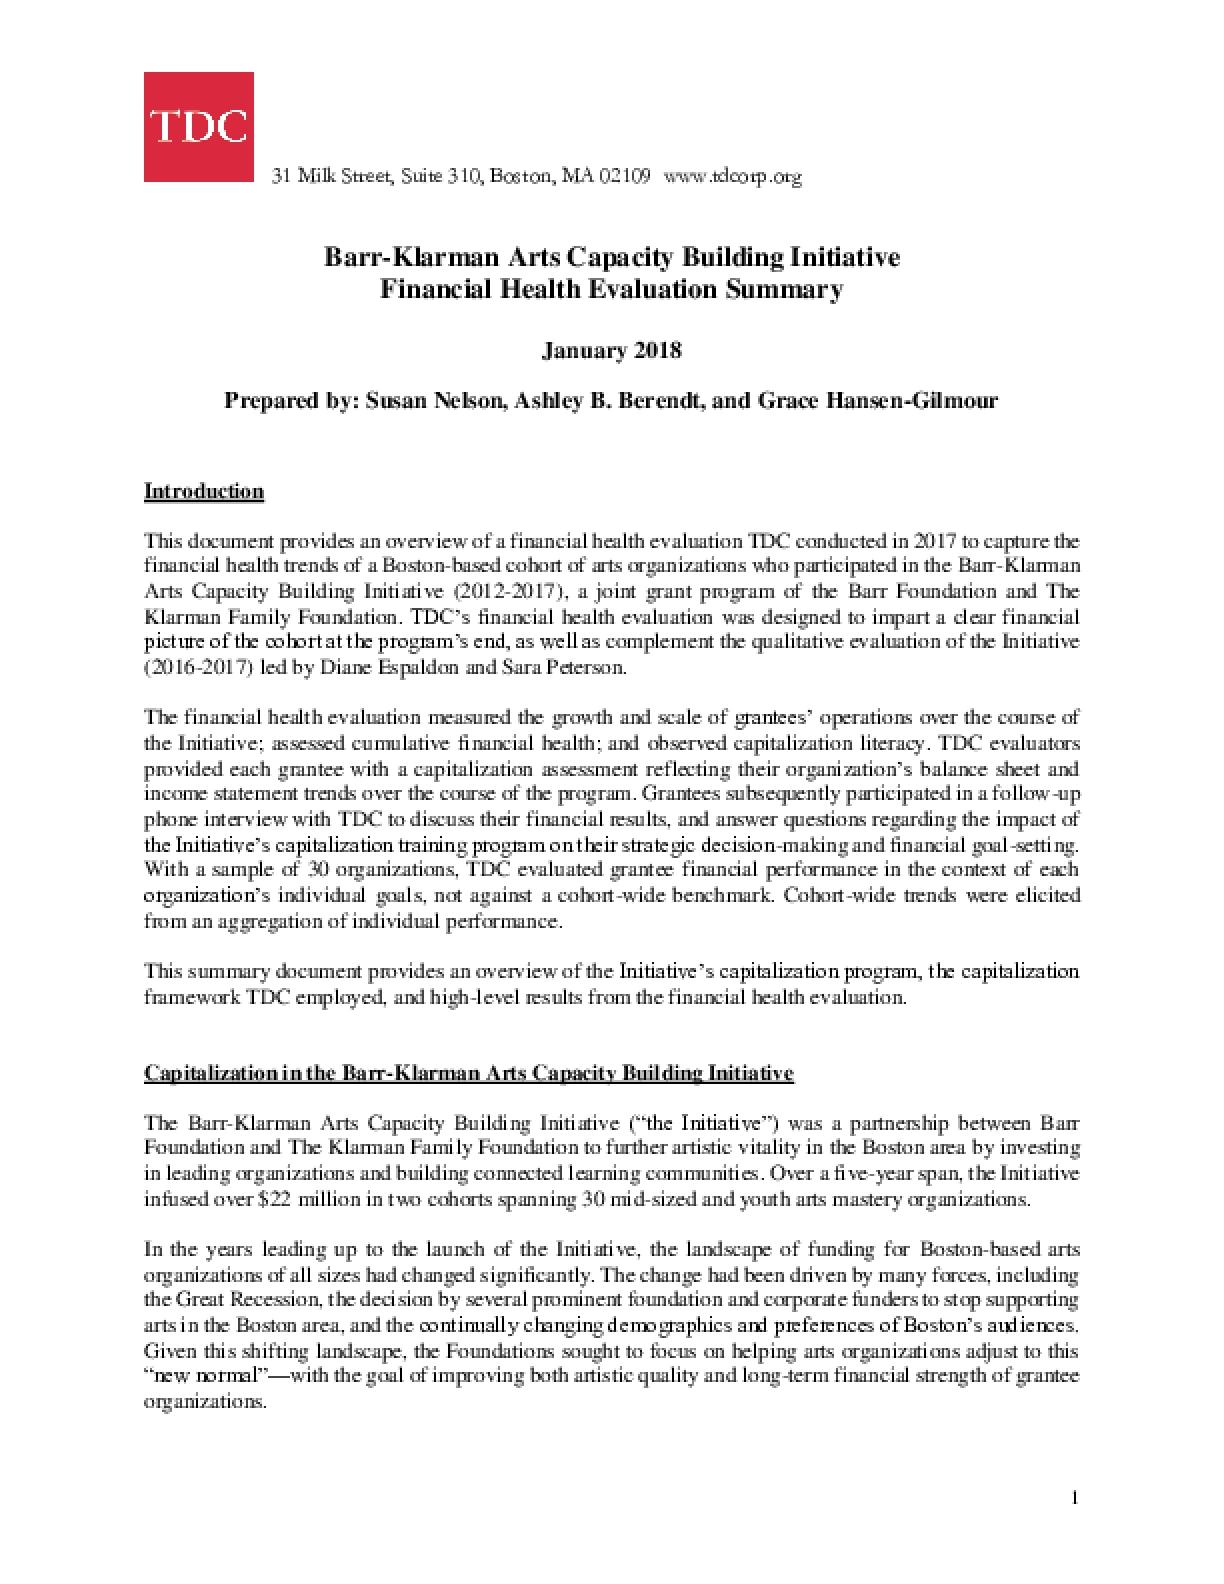 Barr-Klarman Arts Capacity Building Initiative Financial Health Evaluation Summary